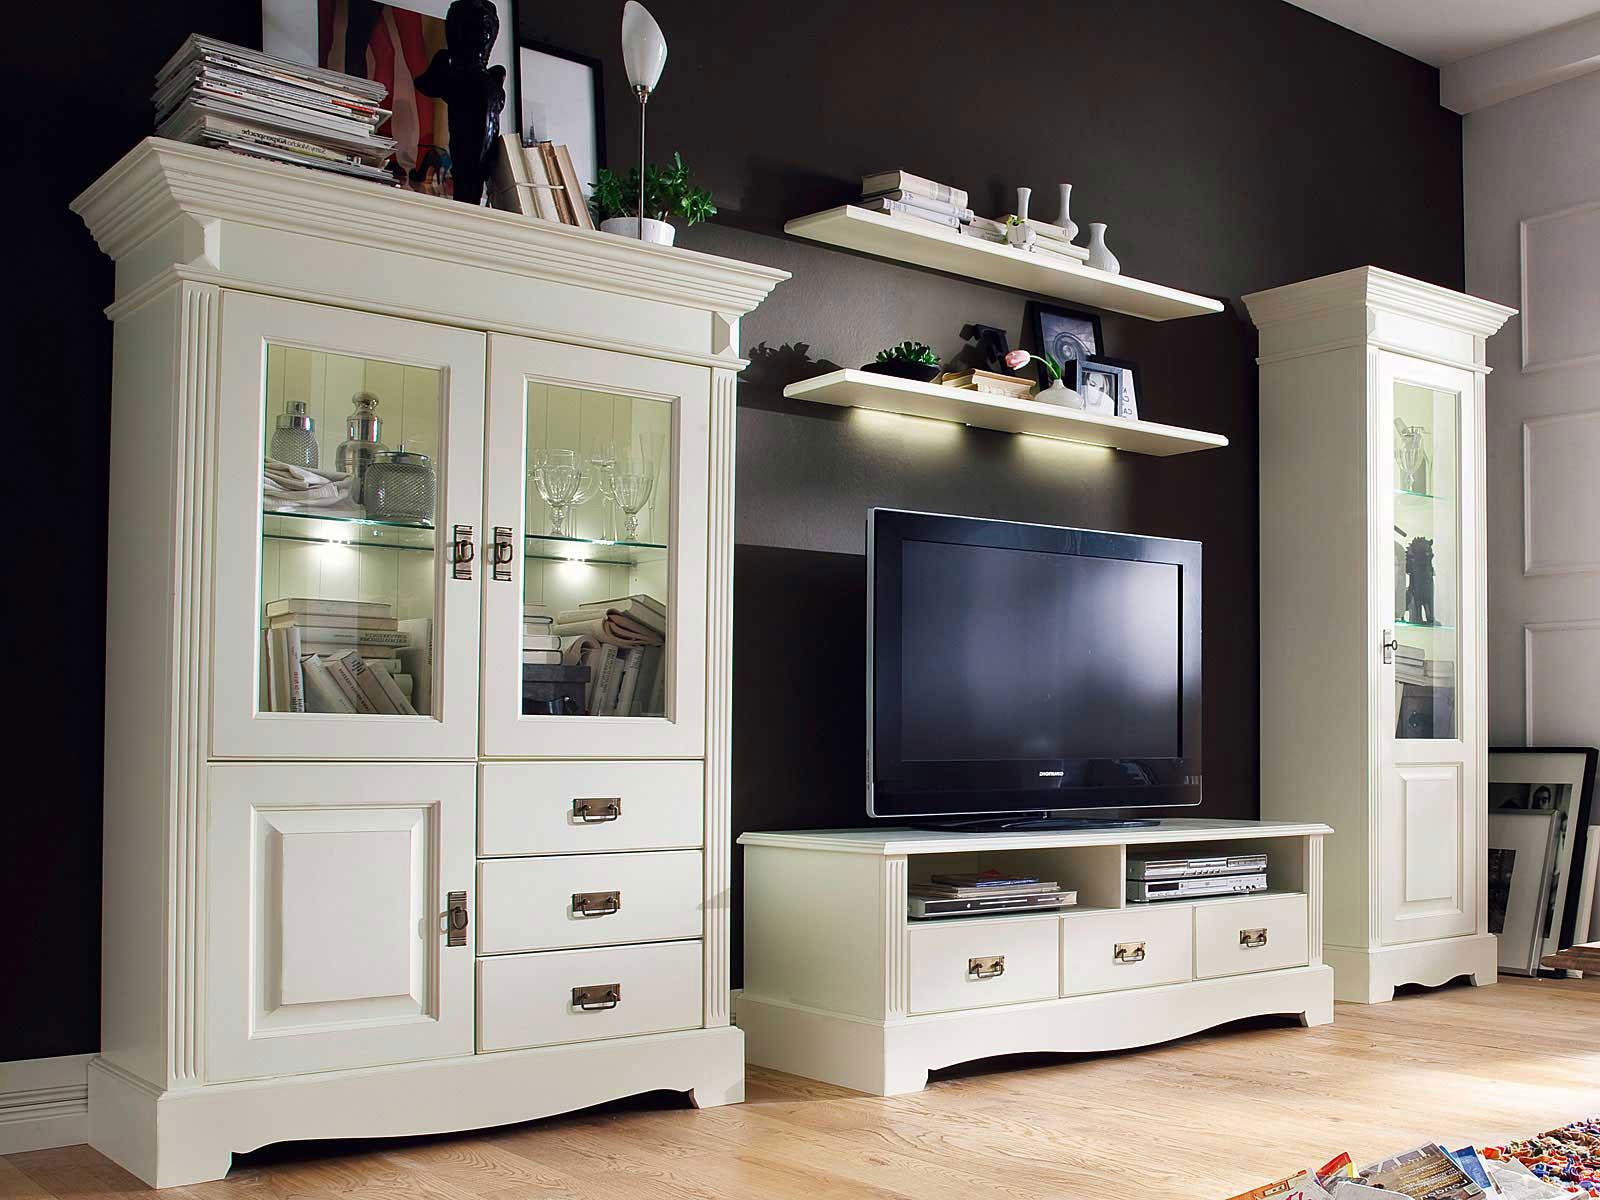 Wohnwand Wohnzimmer Schrank Set Padua 10-teilig B 3104 x H 10 x T 106 cm  Pinie Nordica massiv